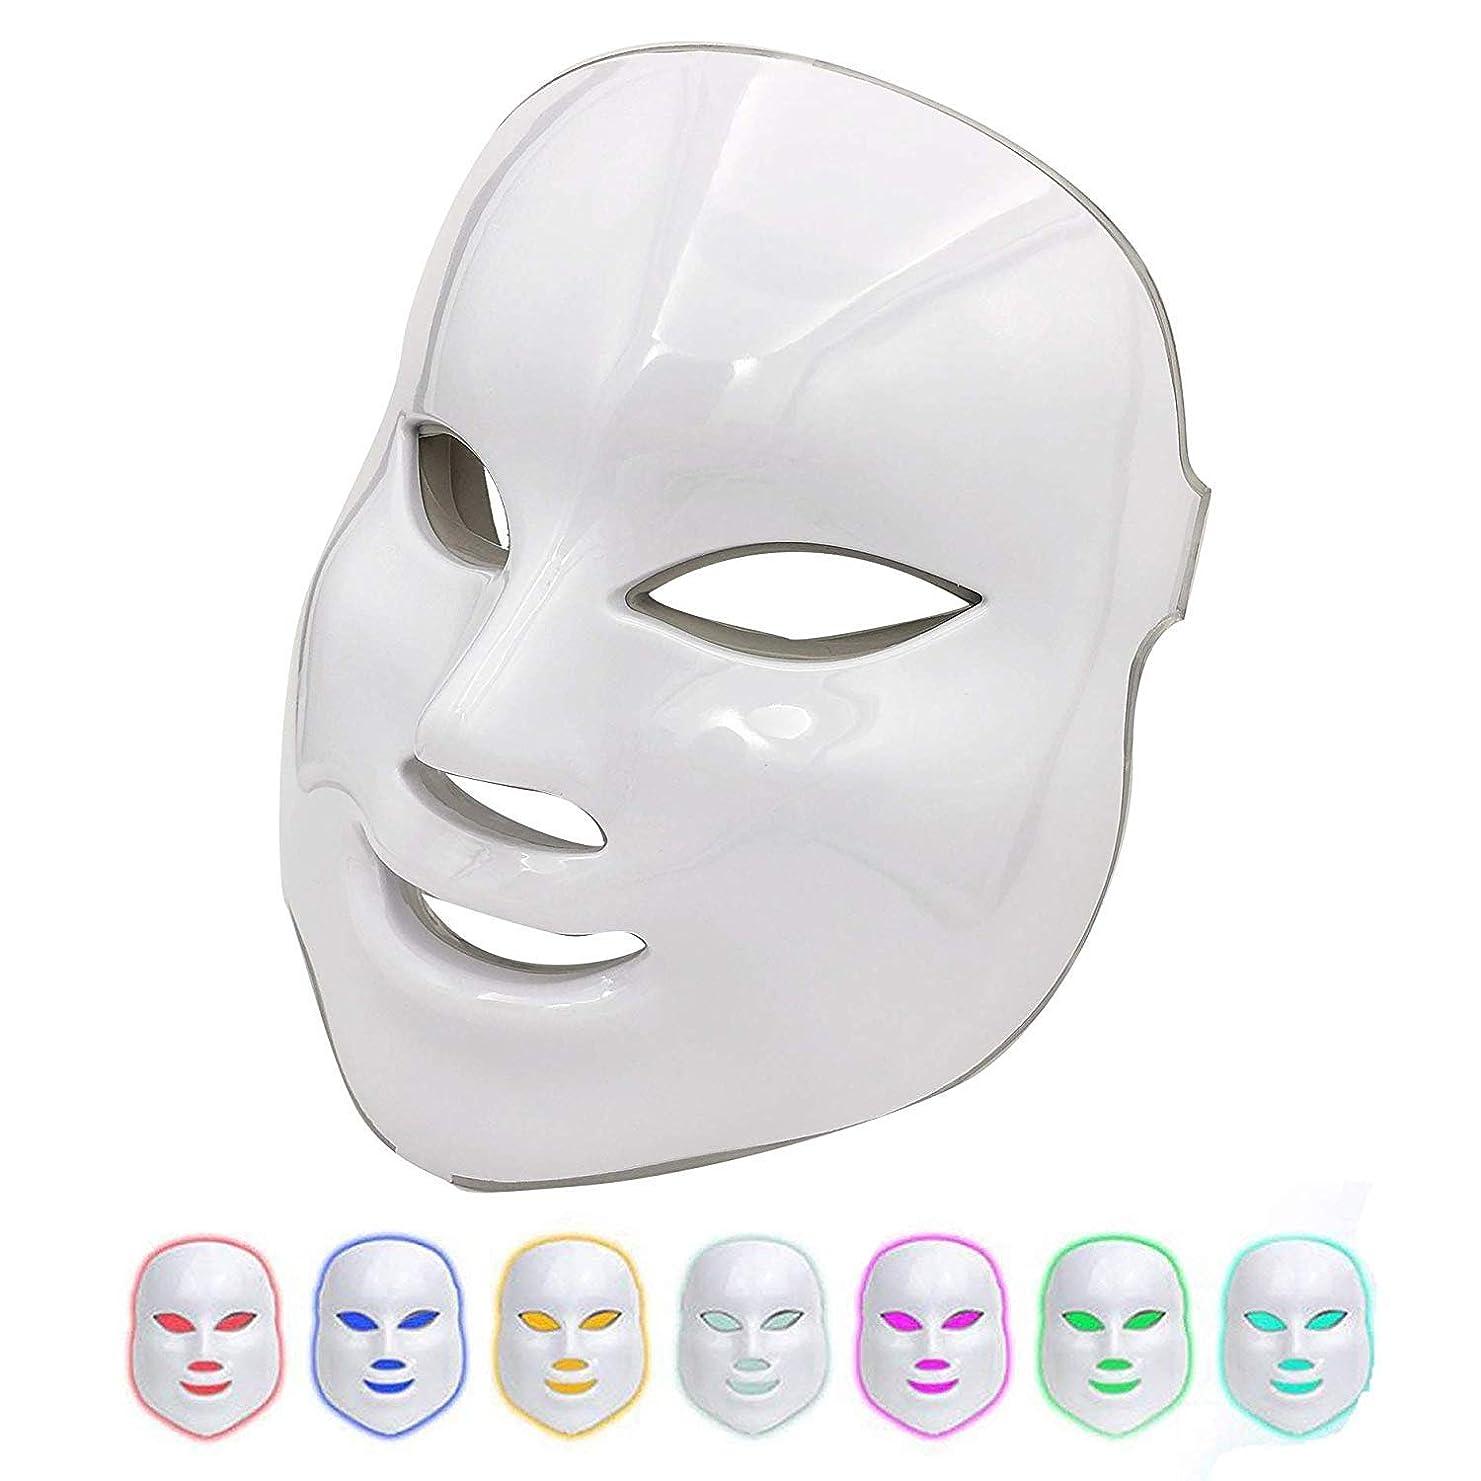 見分ける世代尋ねる美容マスク7色ledライト光子療法にきび跡除去アンチエイジング肌の若返りフェイシャルケアフェイシャルトーンデバイス